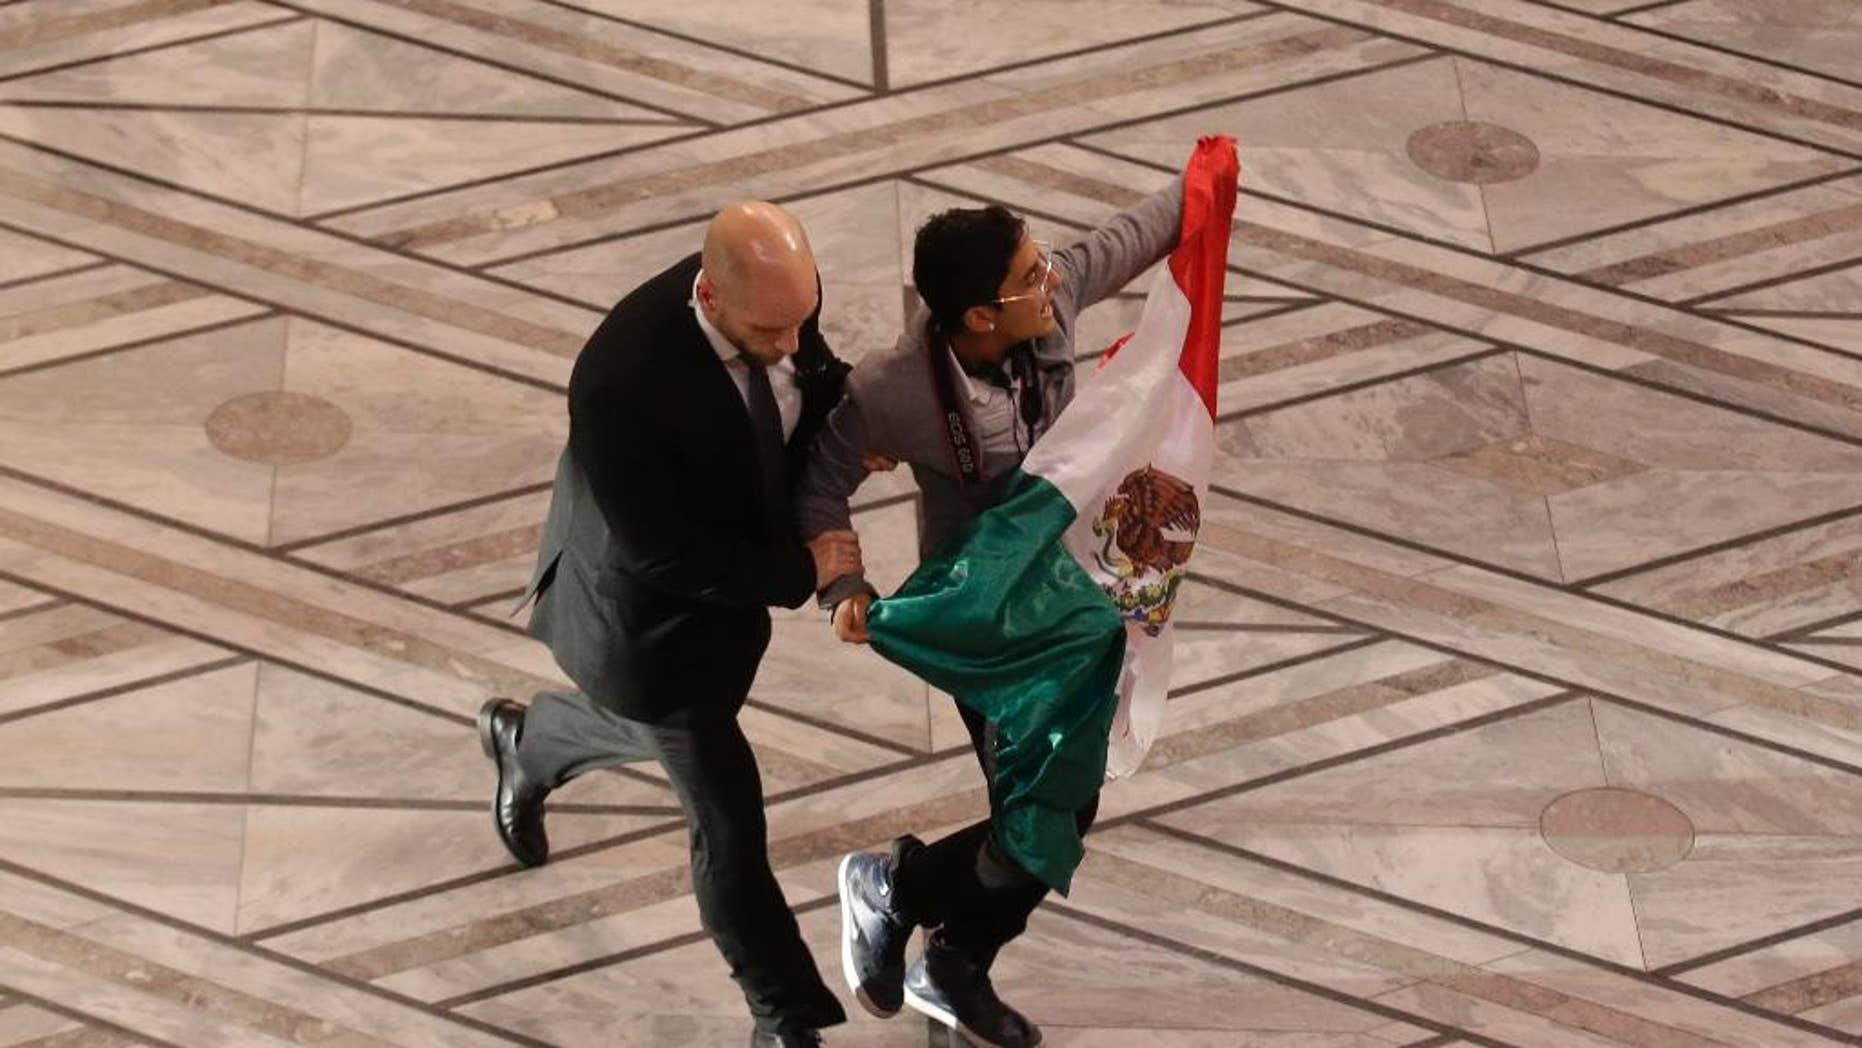 Un agente de seguridad retira a un hombre con una bandera mexicana luego de su intento de subir al escenario con los ganadores del premio Nobel de la Paz, la paquistaní Malala Yousafzai y el indio Kailash Satvarthi, en la ceremonia anual en Oslo, Noruega, el miércoles 10 de diciembre de 2014. El mexicano es un estudiante que lo hizo en protesta por la desaparición de 43 normalistas hace más de dos meses en el sur de México, según un familiar. Adán Cortés Salas, de 21 años, fue detenido por la policía noruega. (AP Foto/Matt Dunham)